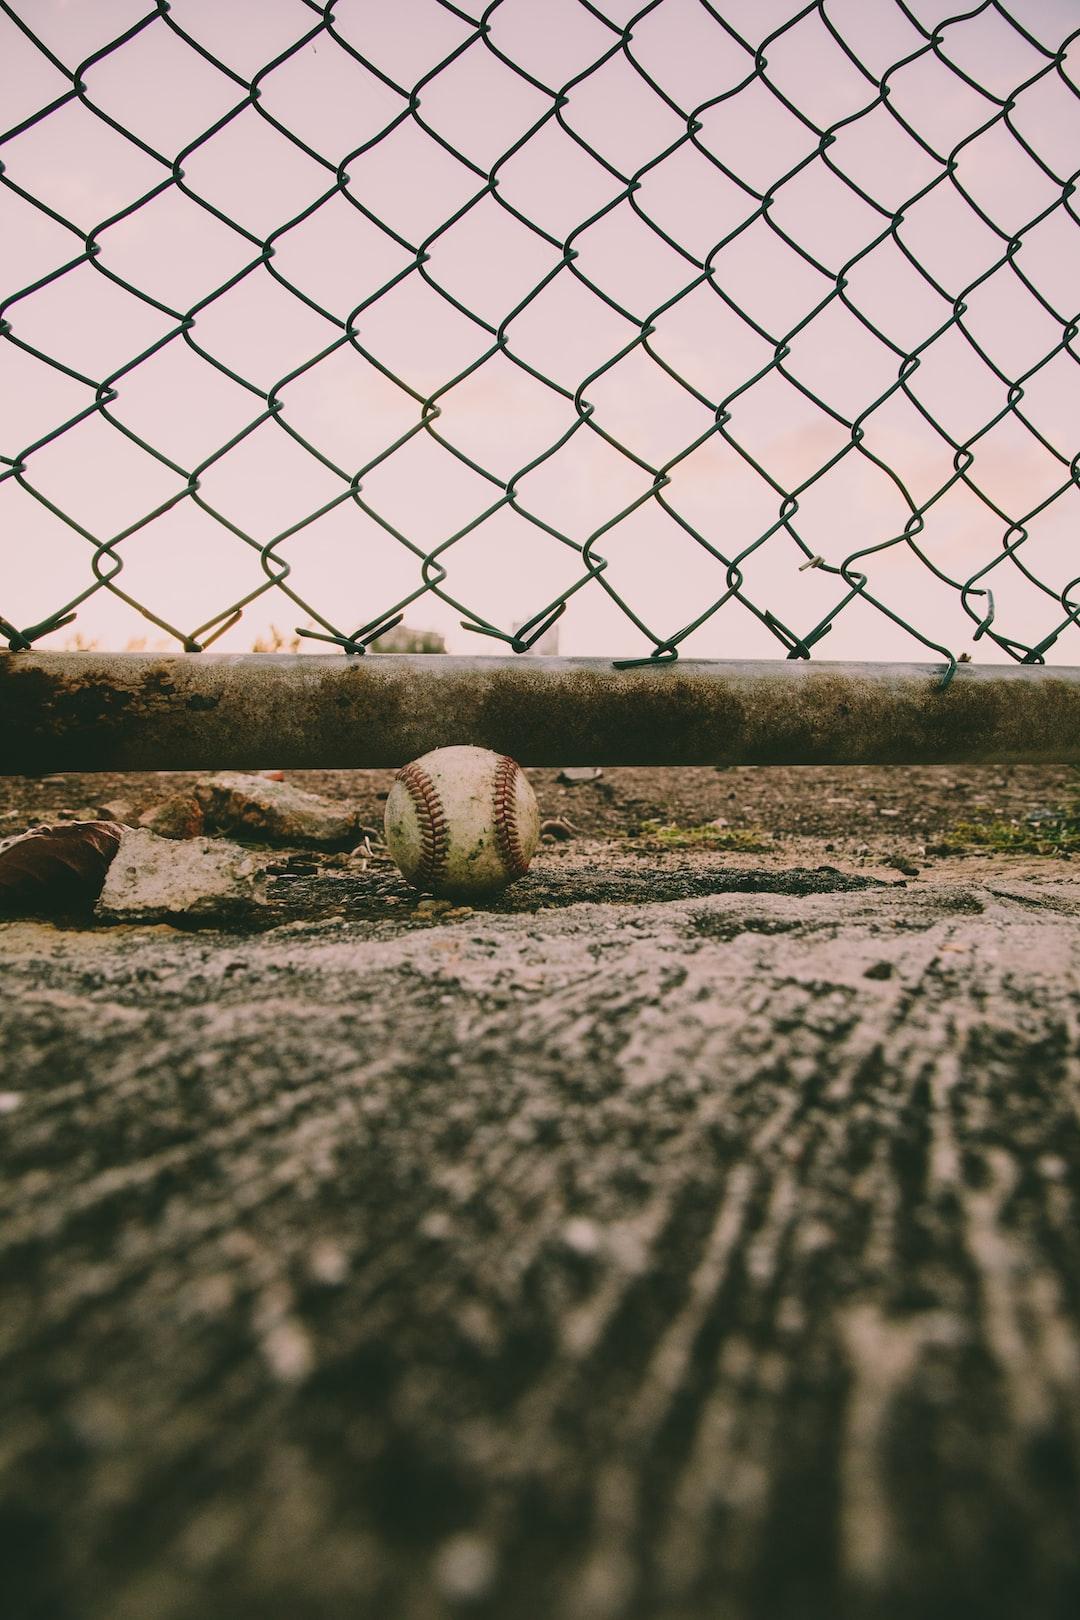 Old baseball.